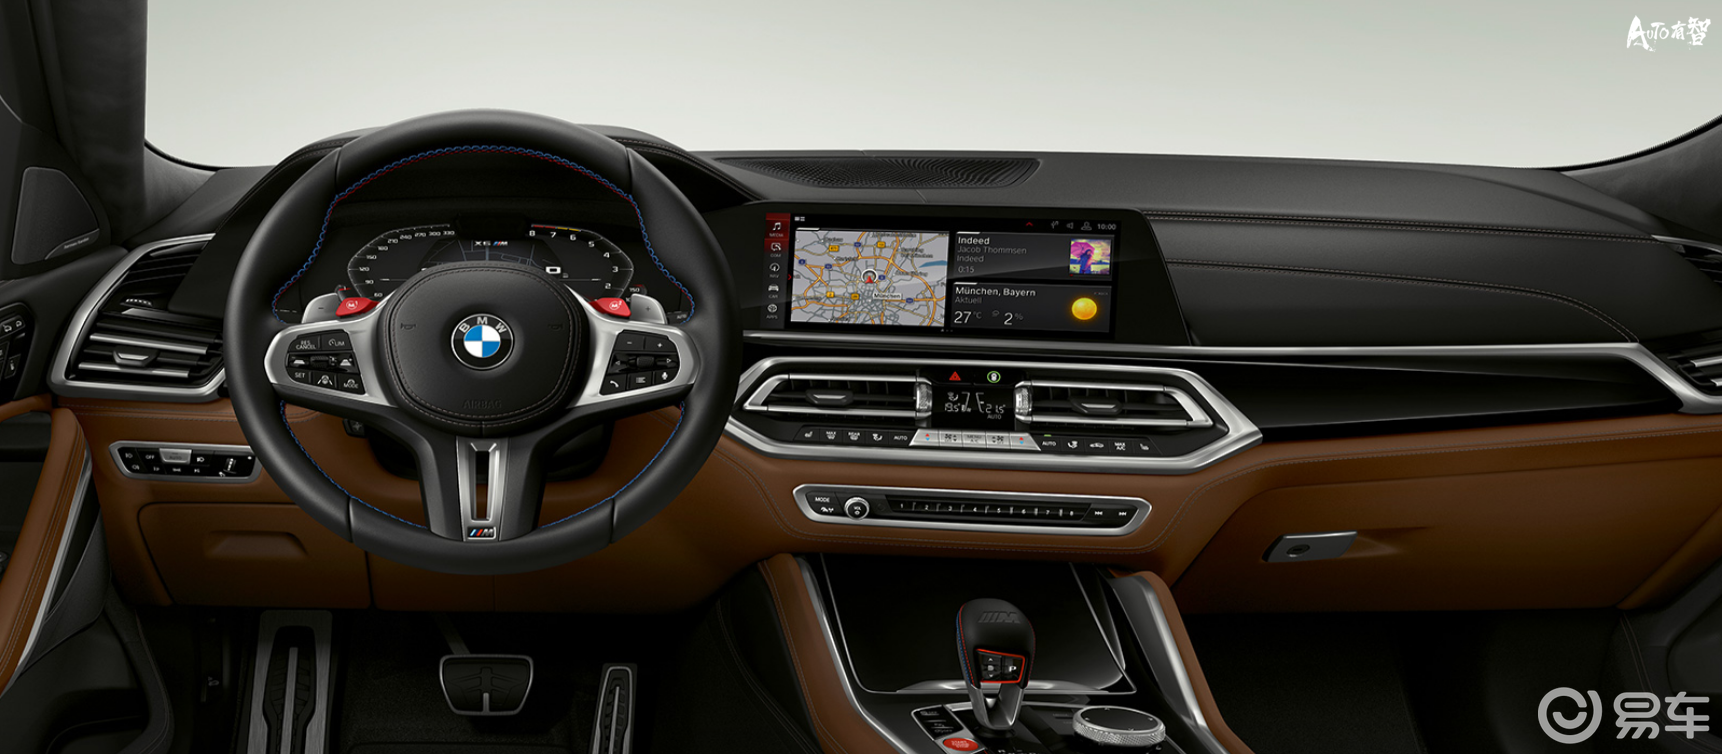 霸气恢弘 凌厉不凡 全新 BMW X6 M